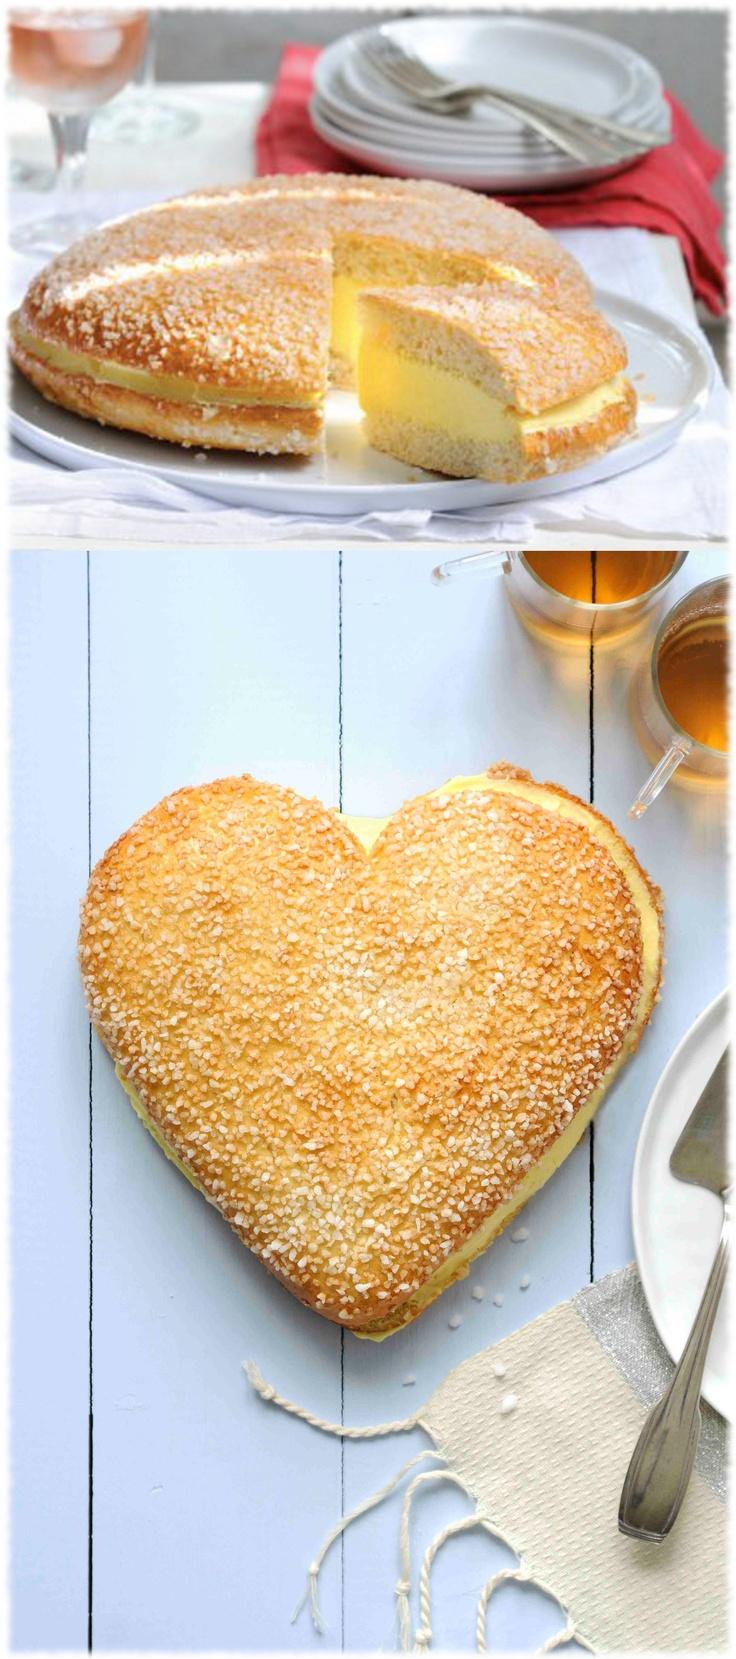 La tarte Tropézienne spécialité de la patisserie Française. Vous pourrez en déguster dans les environs de Saint Tropez et dans d'autres villes proposant ce délice. #Tropézienne #France